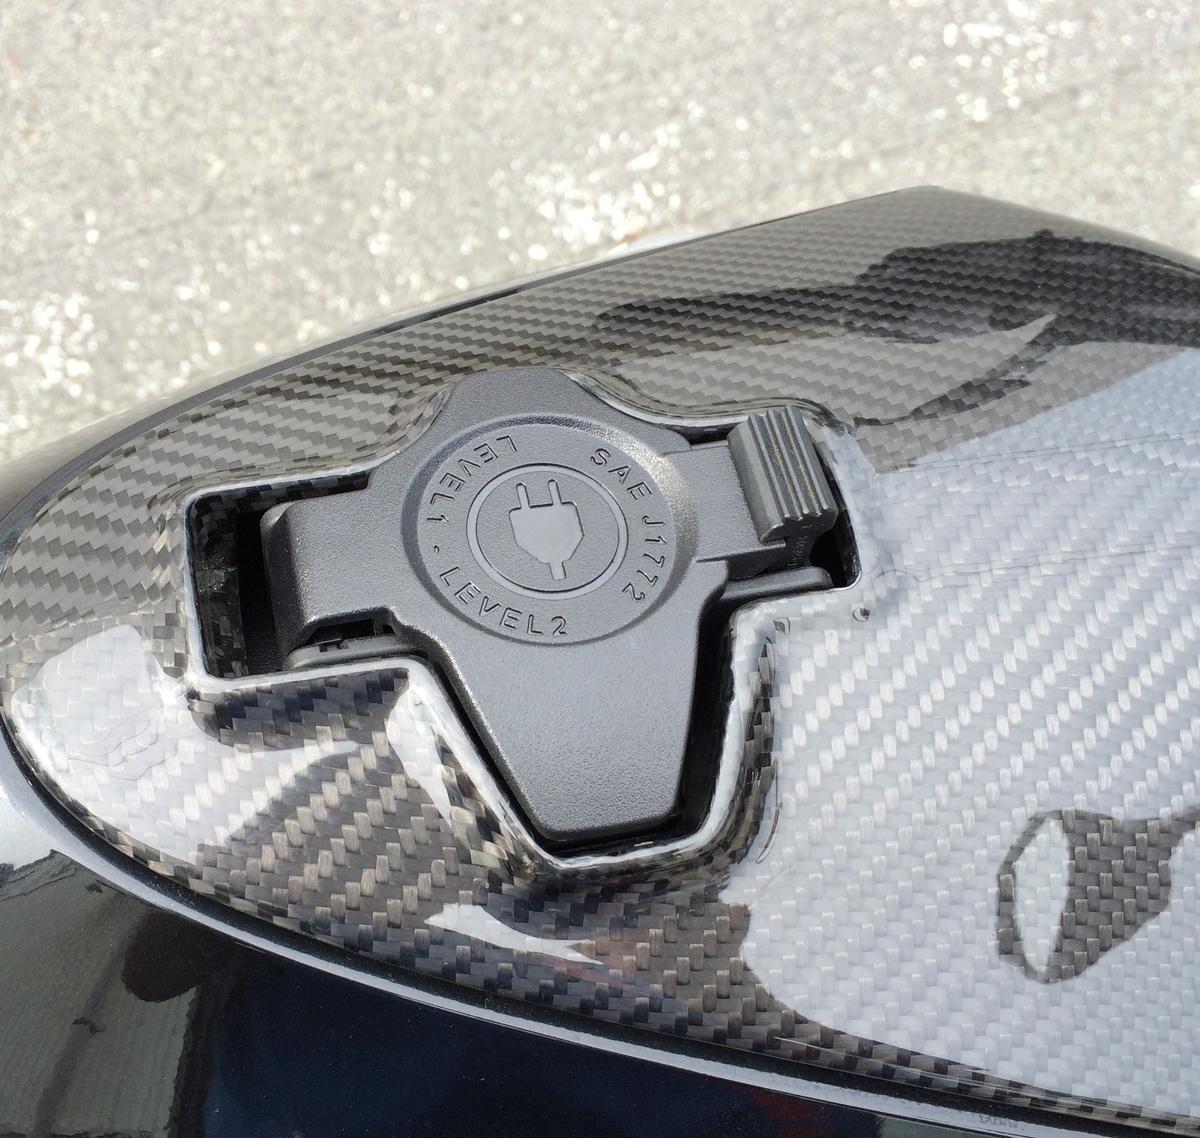 f:id:motokg:20200218064448j:plain